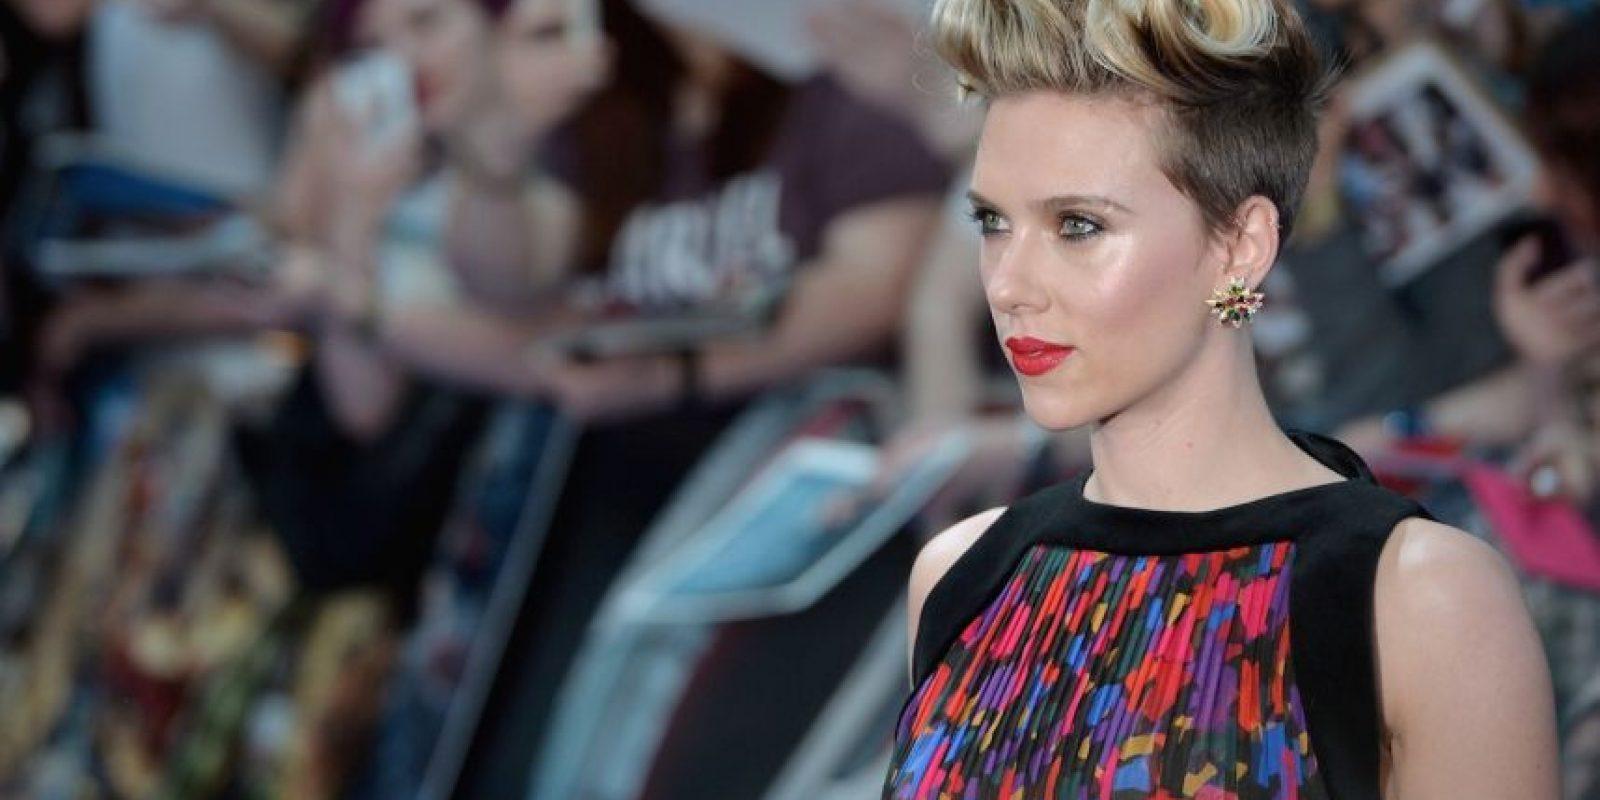 """El personaje de Scarlett Johansson intentó seducir a """"Los Vengadores"""" en diferentes ocasiones como parte de sus planes de acción. Foto:Getty Images"""